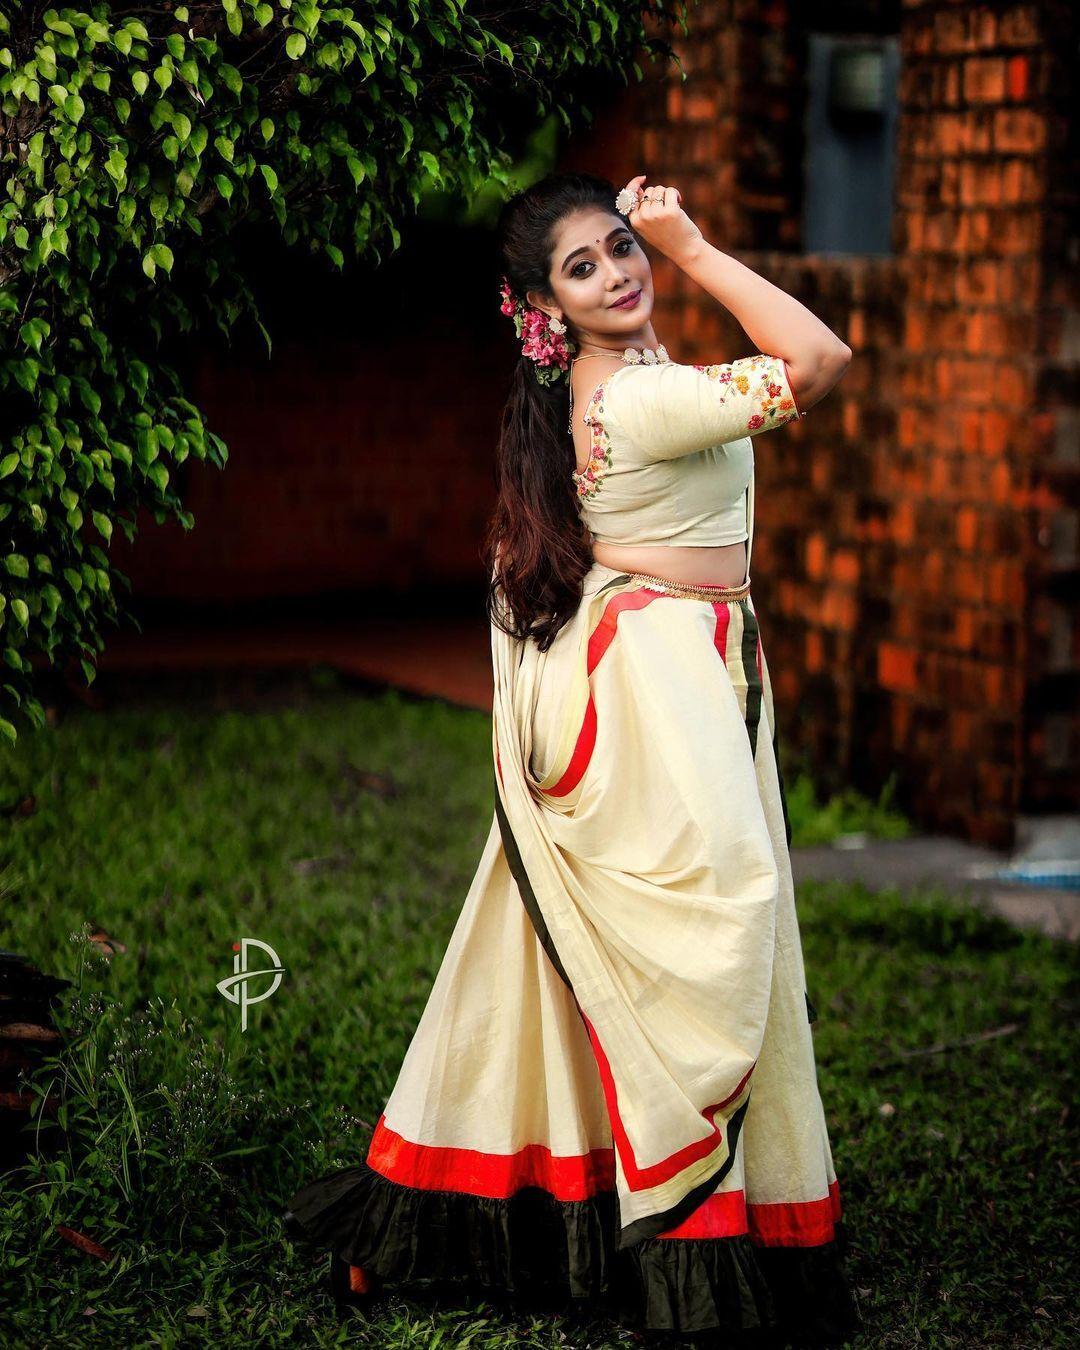 'പ്യൂർലി ട്രഡീഷ്ണൽ'; അതീവ സുന്ദരിയായി നടി രചന നാരായണൻകുട്ടി